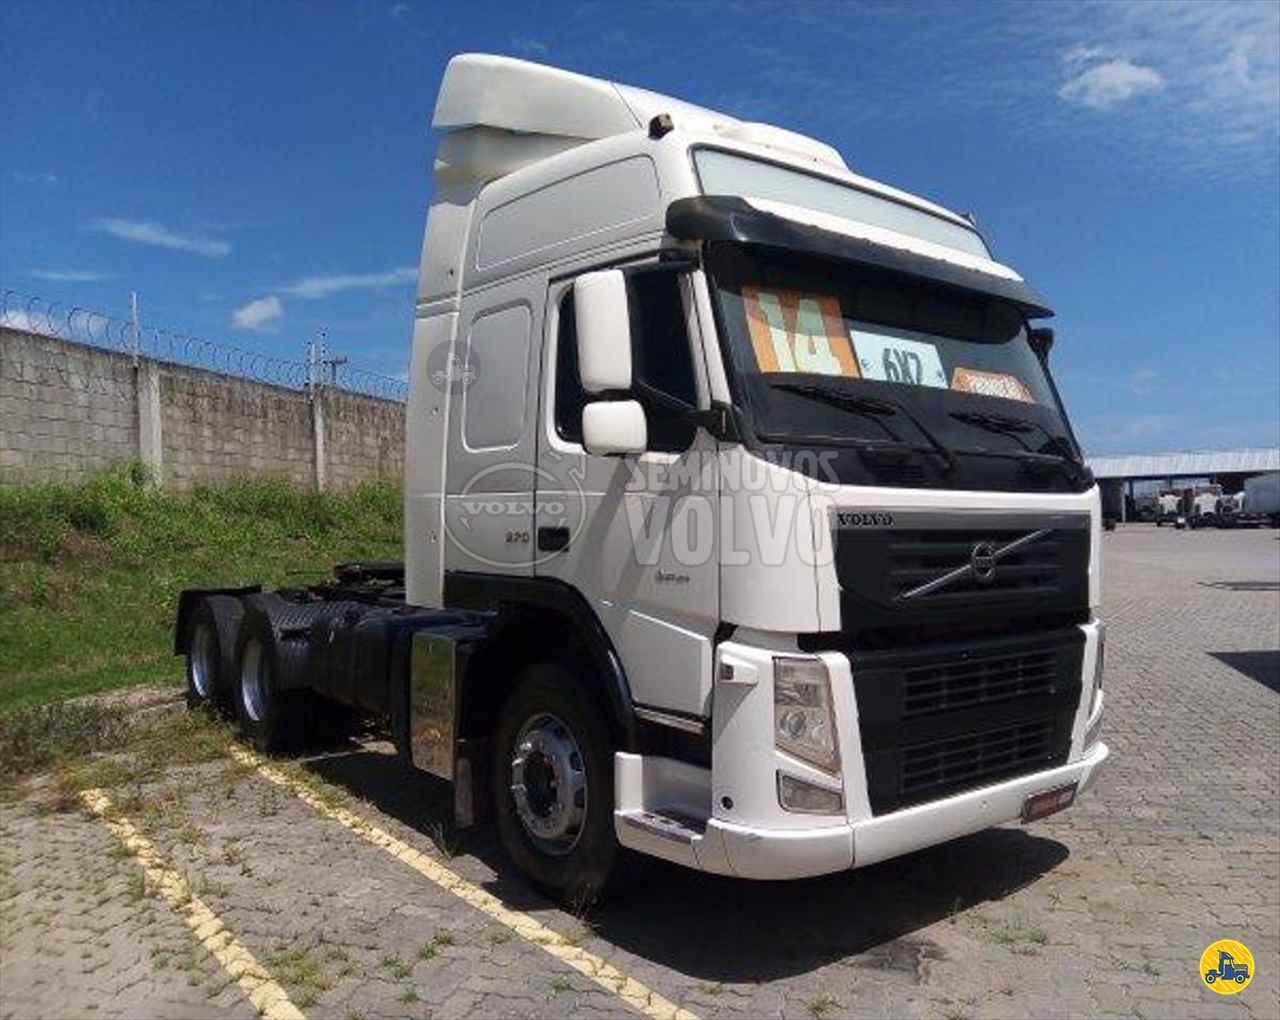 CAMINHAO VOLVO VOLVO FM 370 Cavalo Mecânico Truck 6x2 SEMINOVOS VOLVO CURITIBA PARANÁ PR